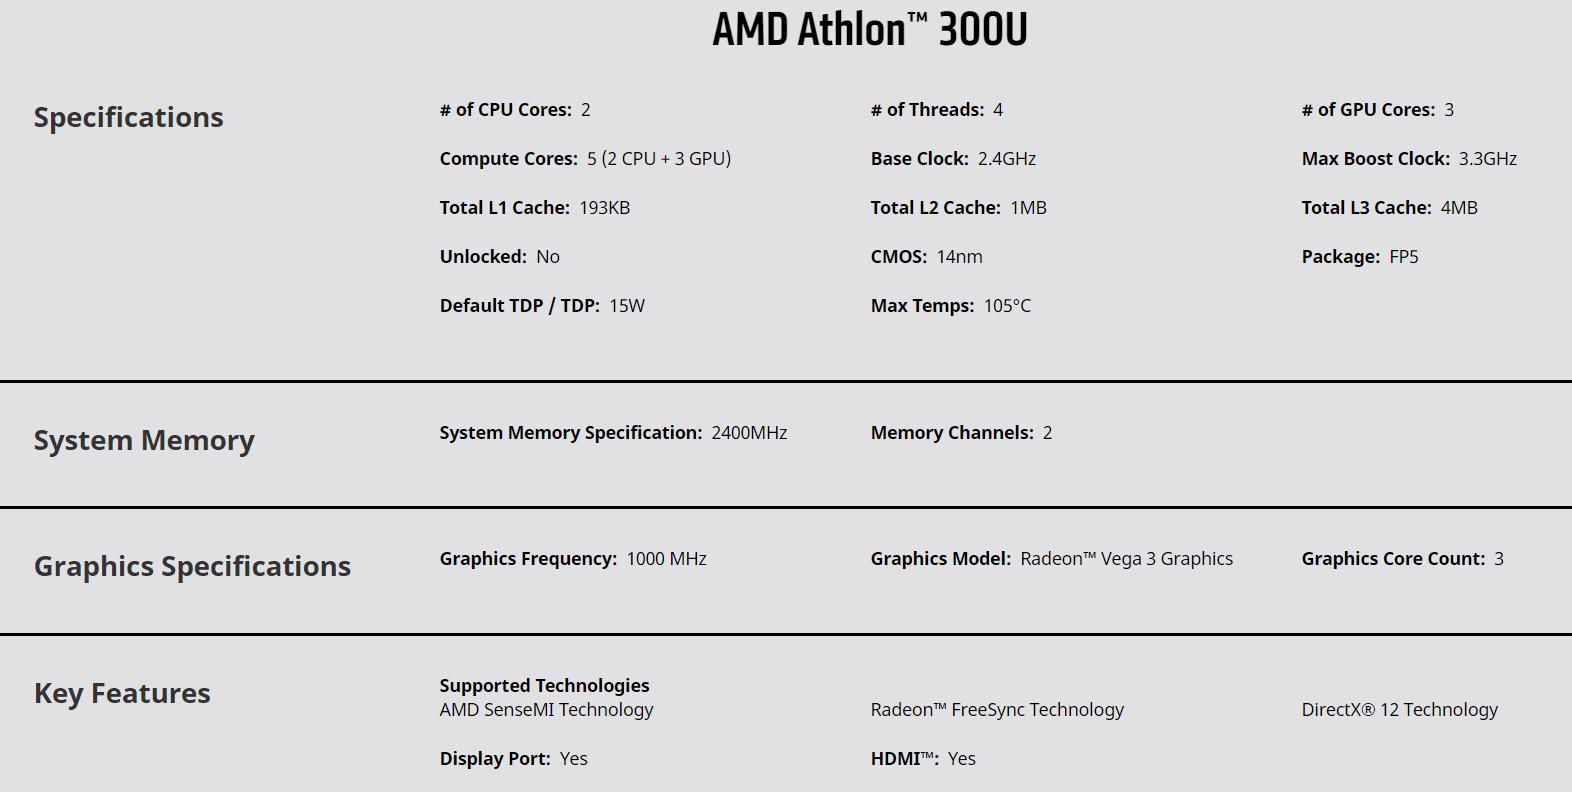 Spesifikasi AMD Athlon™ 300U